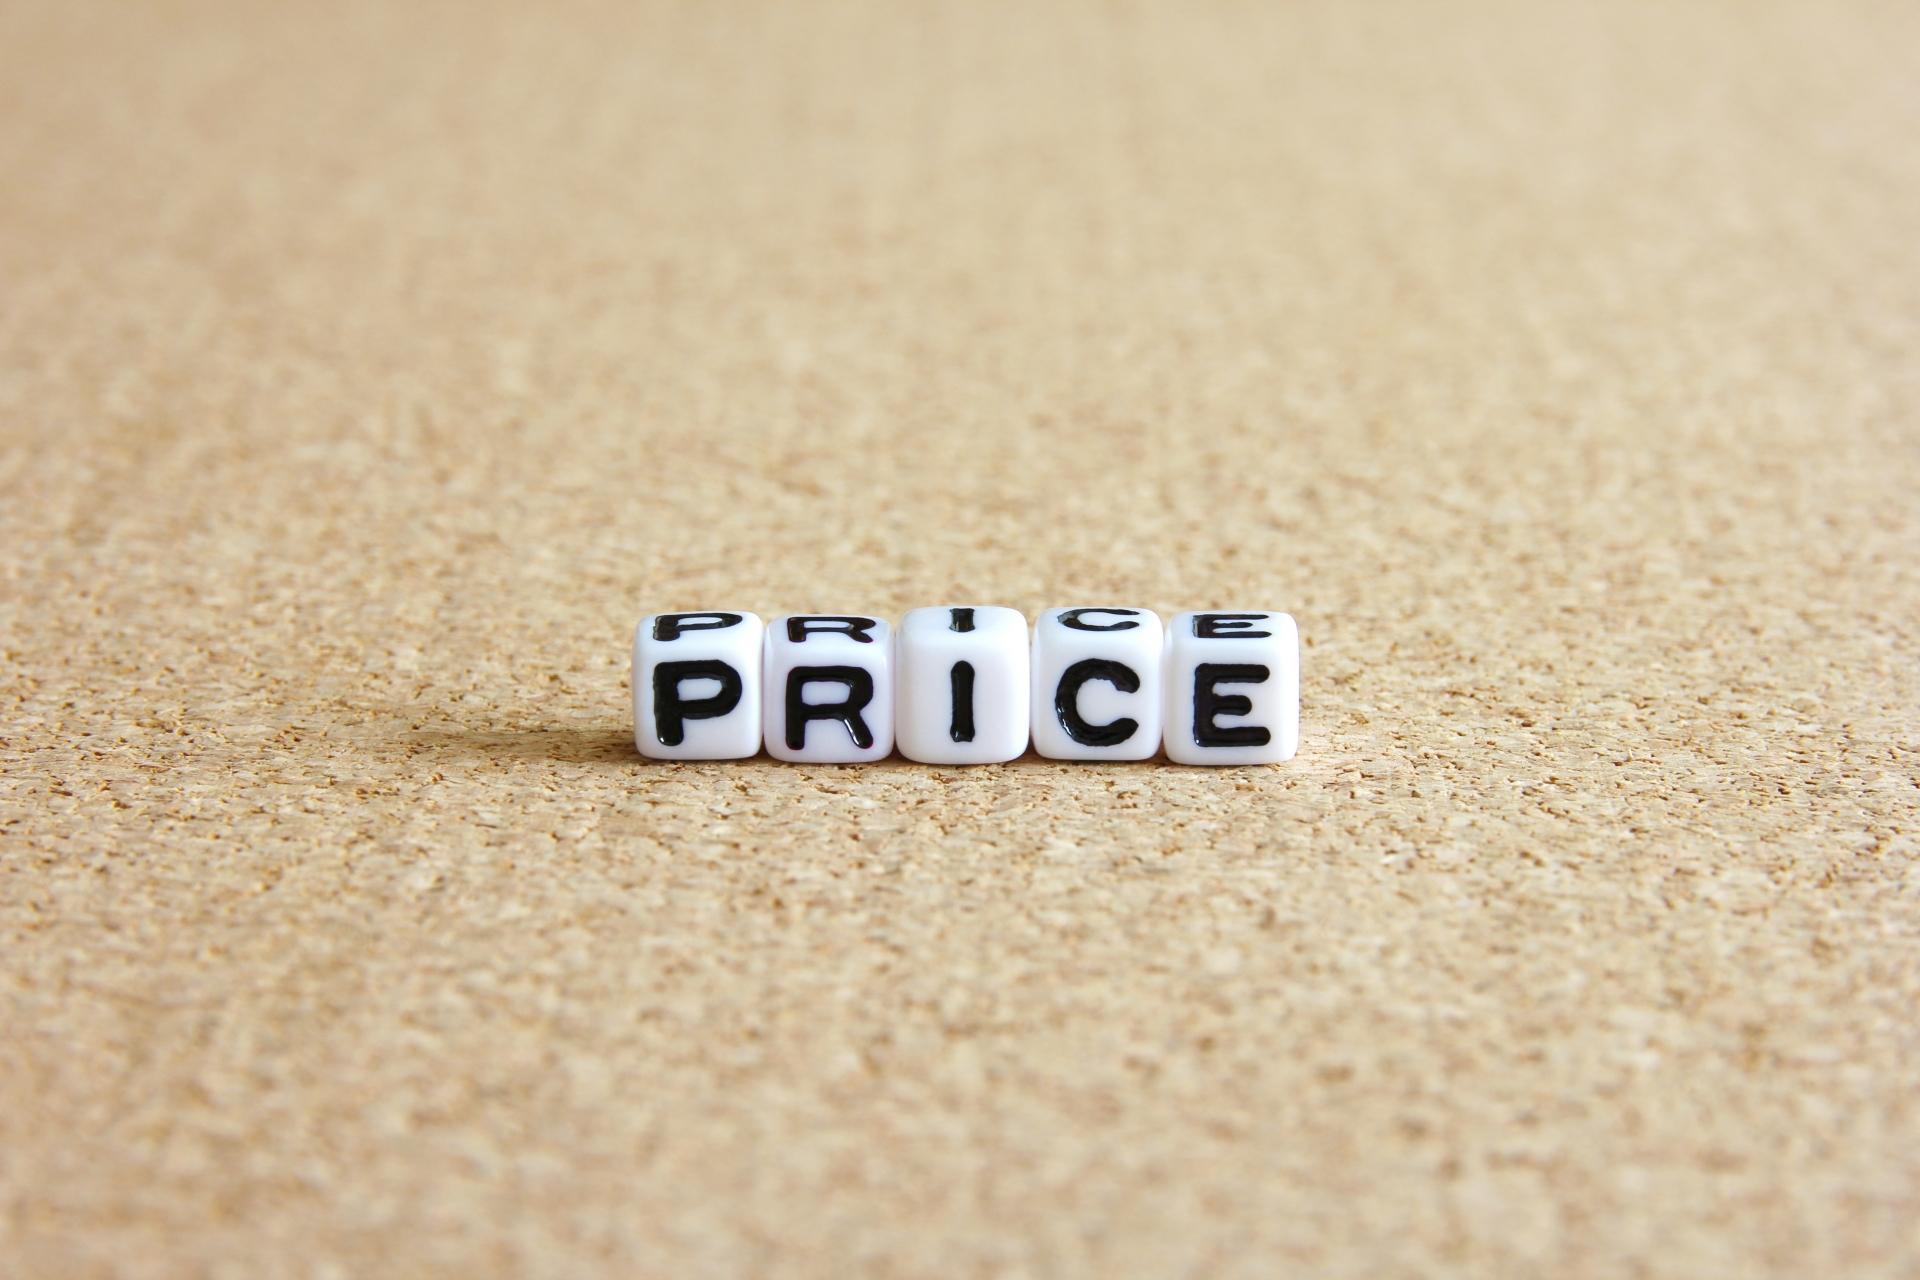 行政書士の価格設定